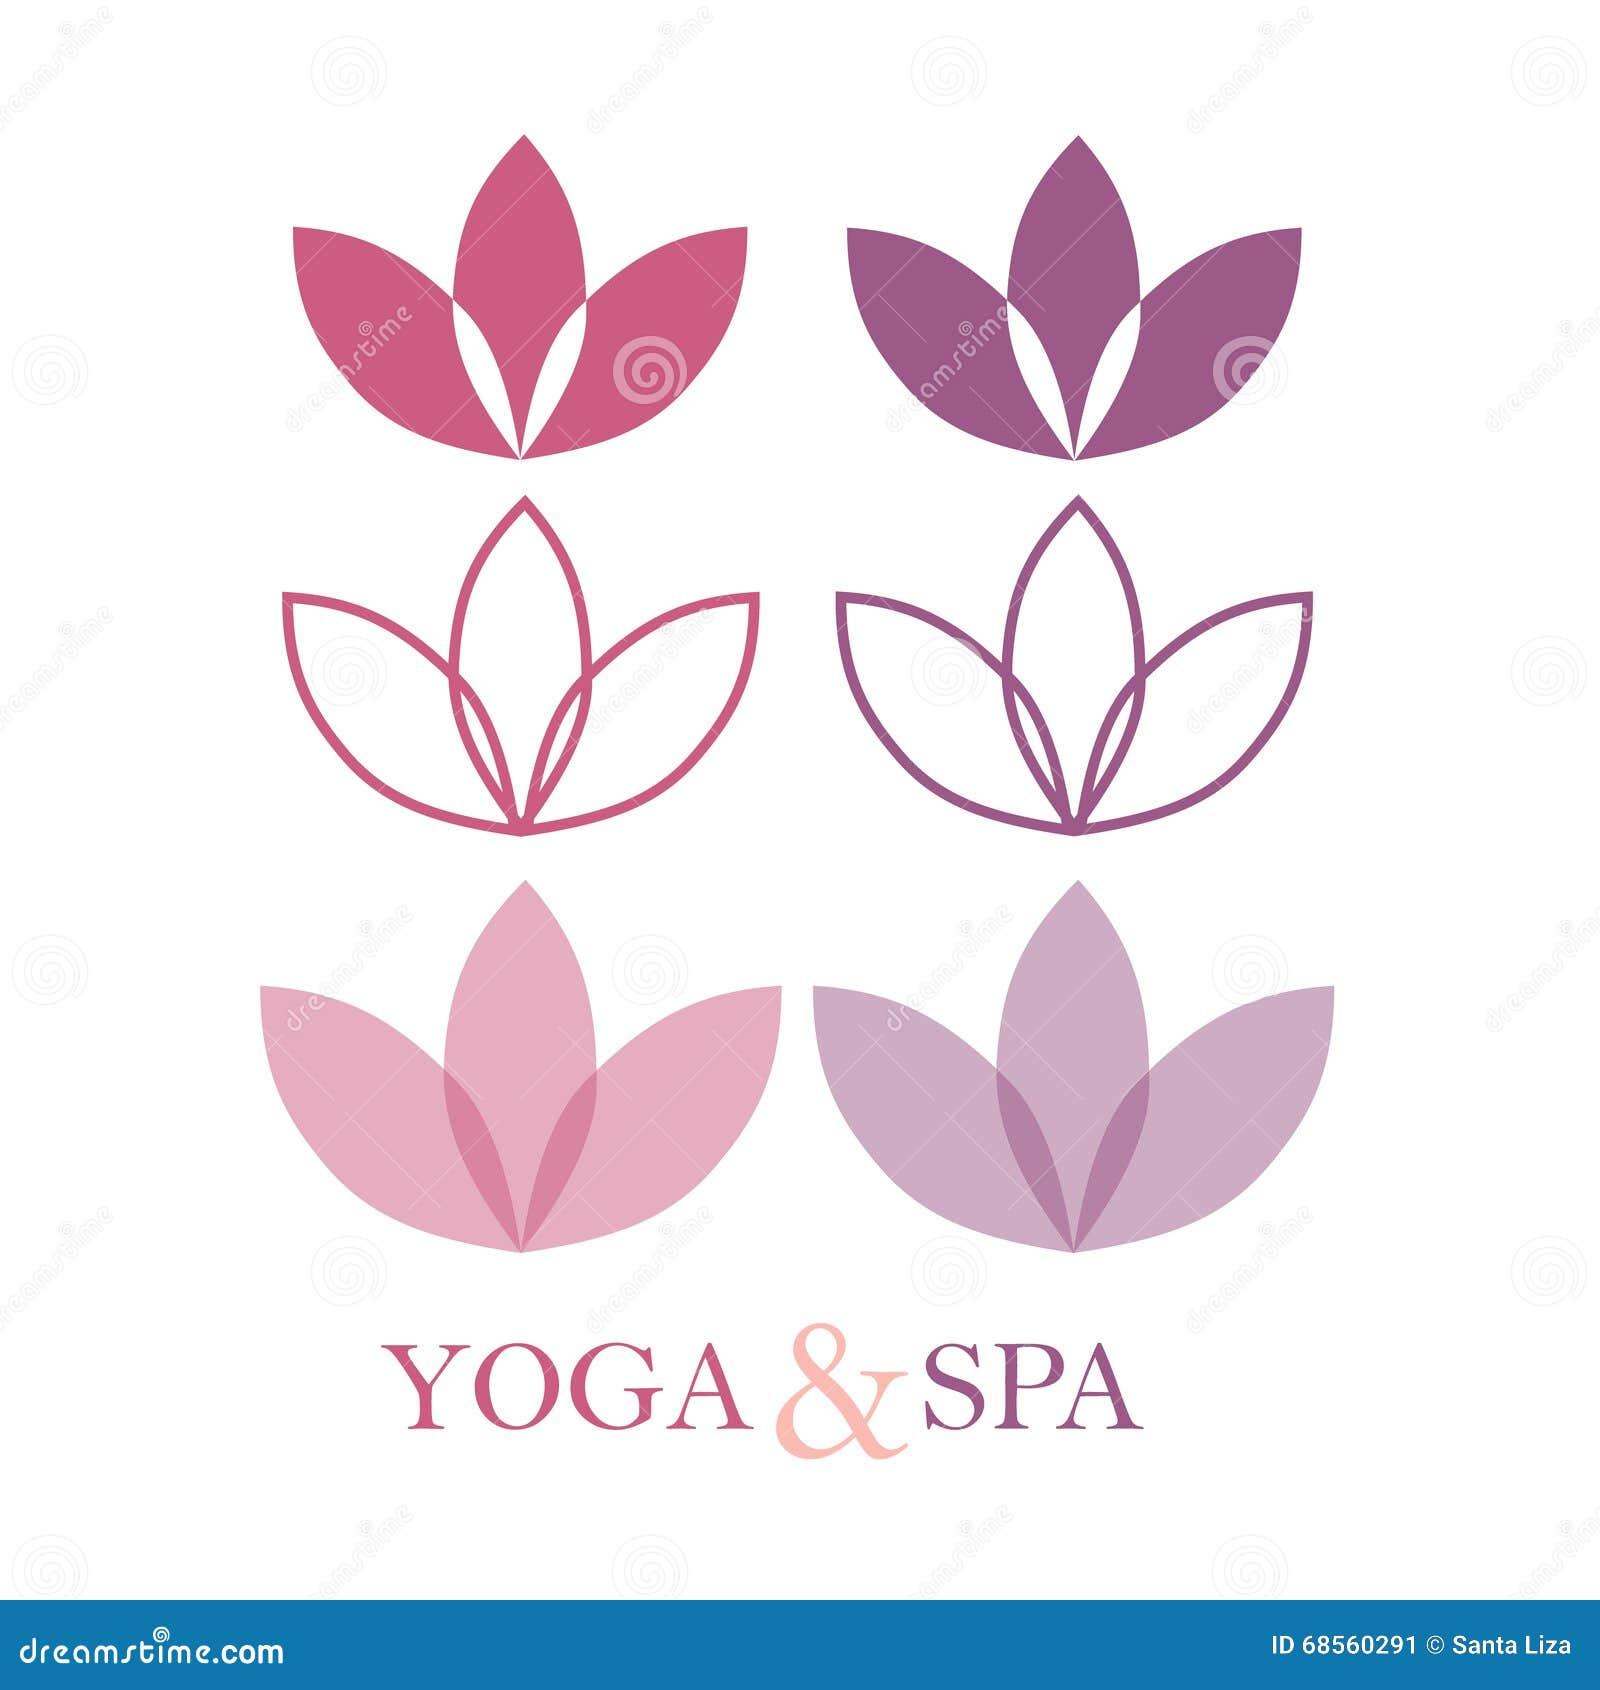 Lotus flower logo vector illustration cartoondealer 54296736 izmirmasajfo